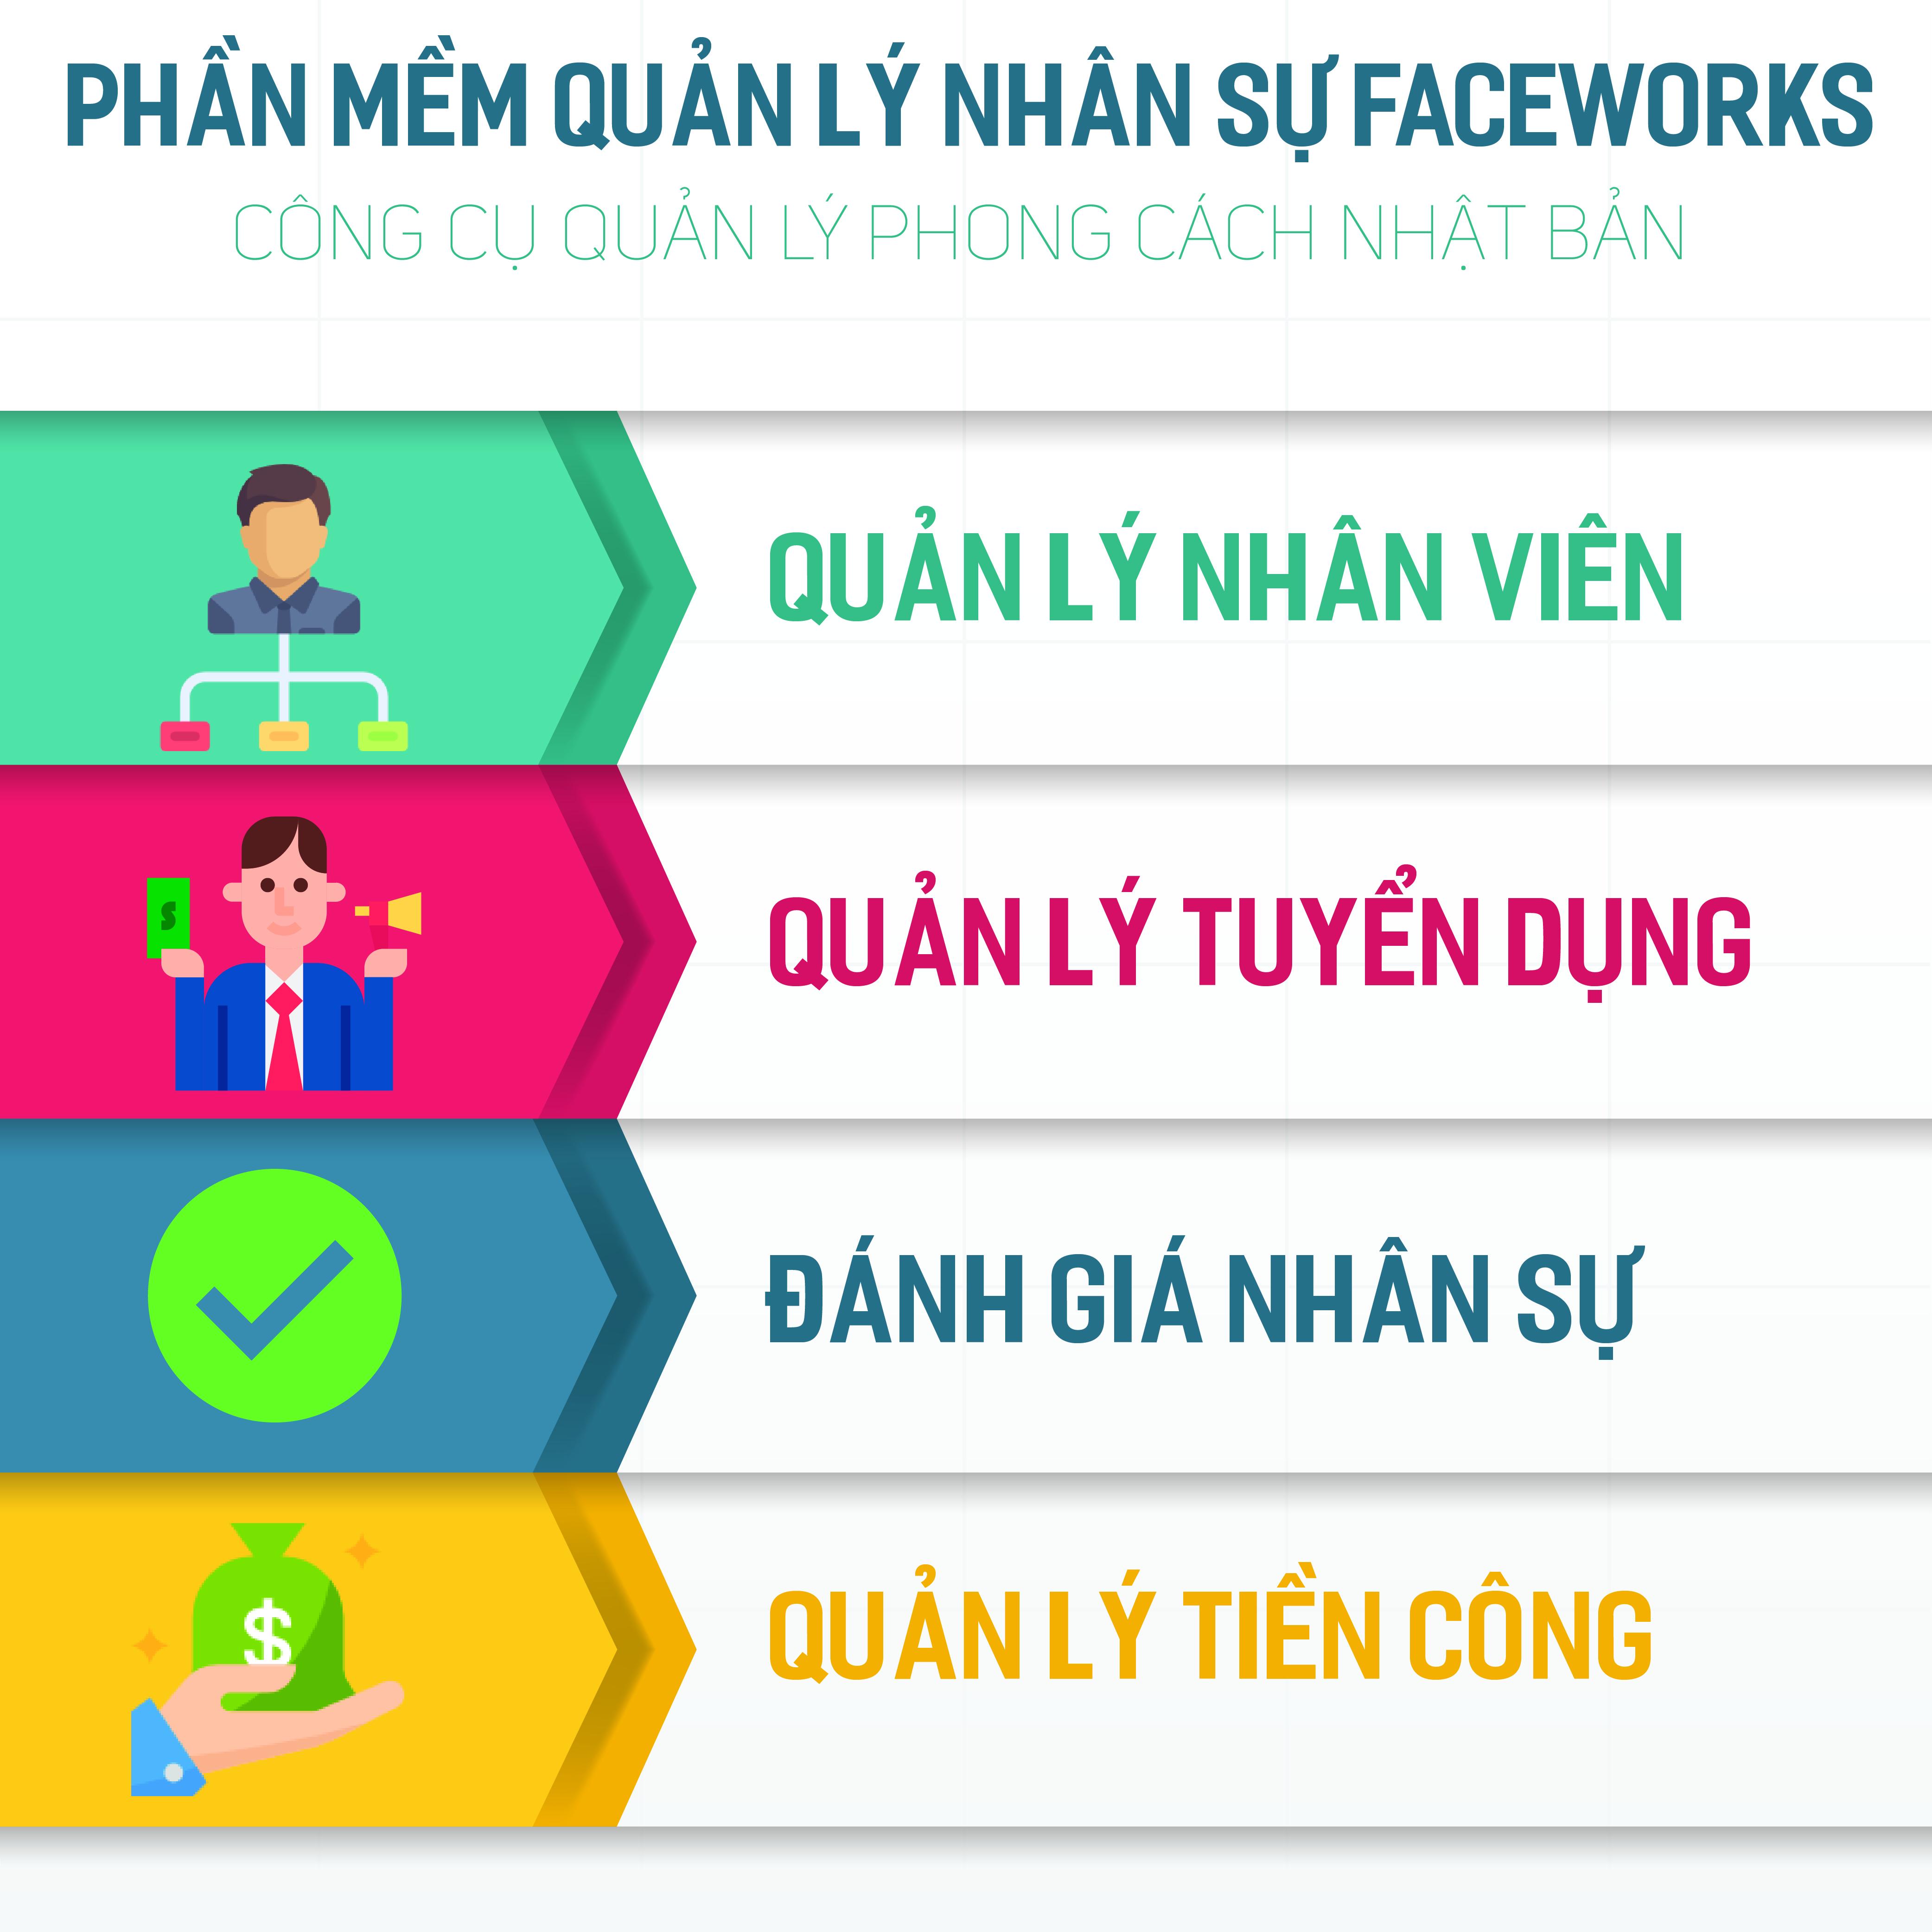 PHAN-MEM-QUAN-LY-NHANSU-01 (1)